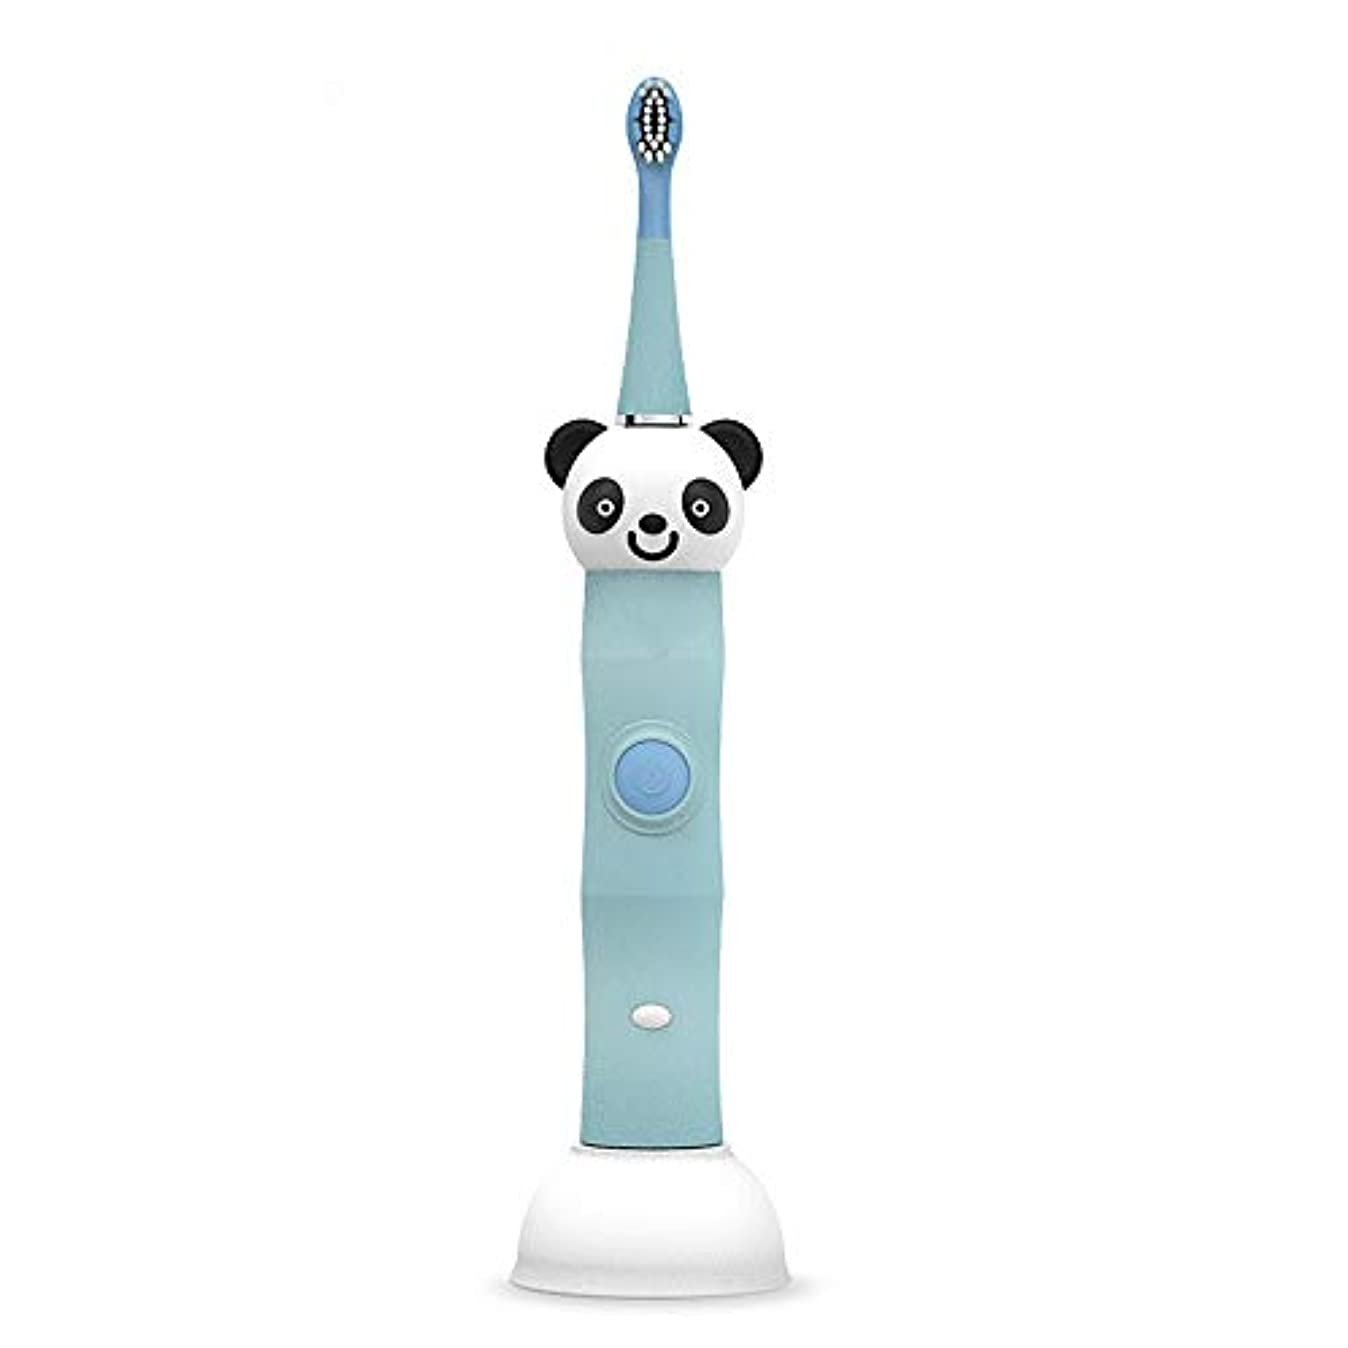 雄弁家教授フック電動歯ブラシ 毎日の使用のためのUSBの充満基盤の柔らかい毛のきれいな歯ブラシと防水子供の電動歯ブラシ 大人と子供向け (色 : 青, サイズ : Free size)